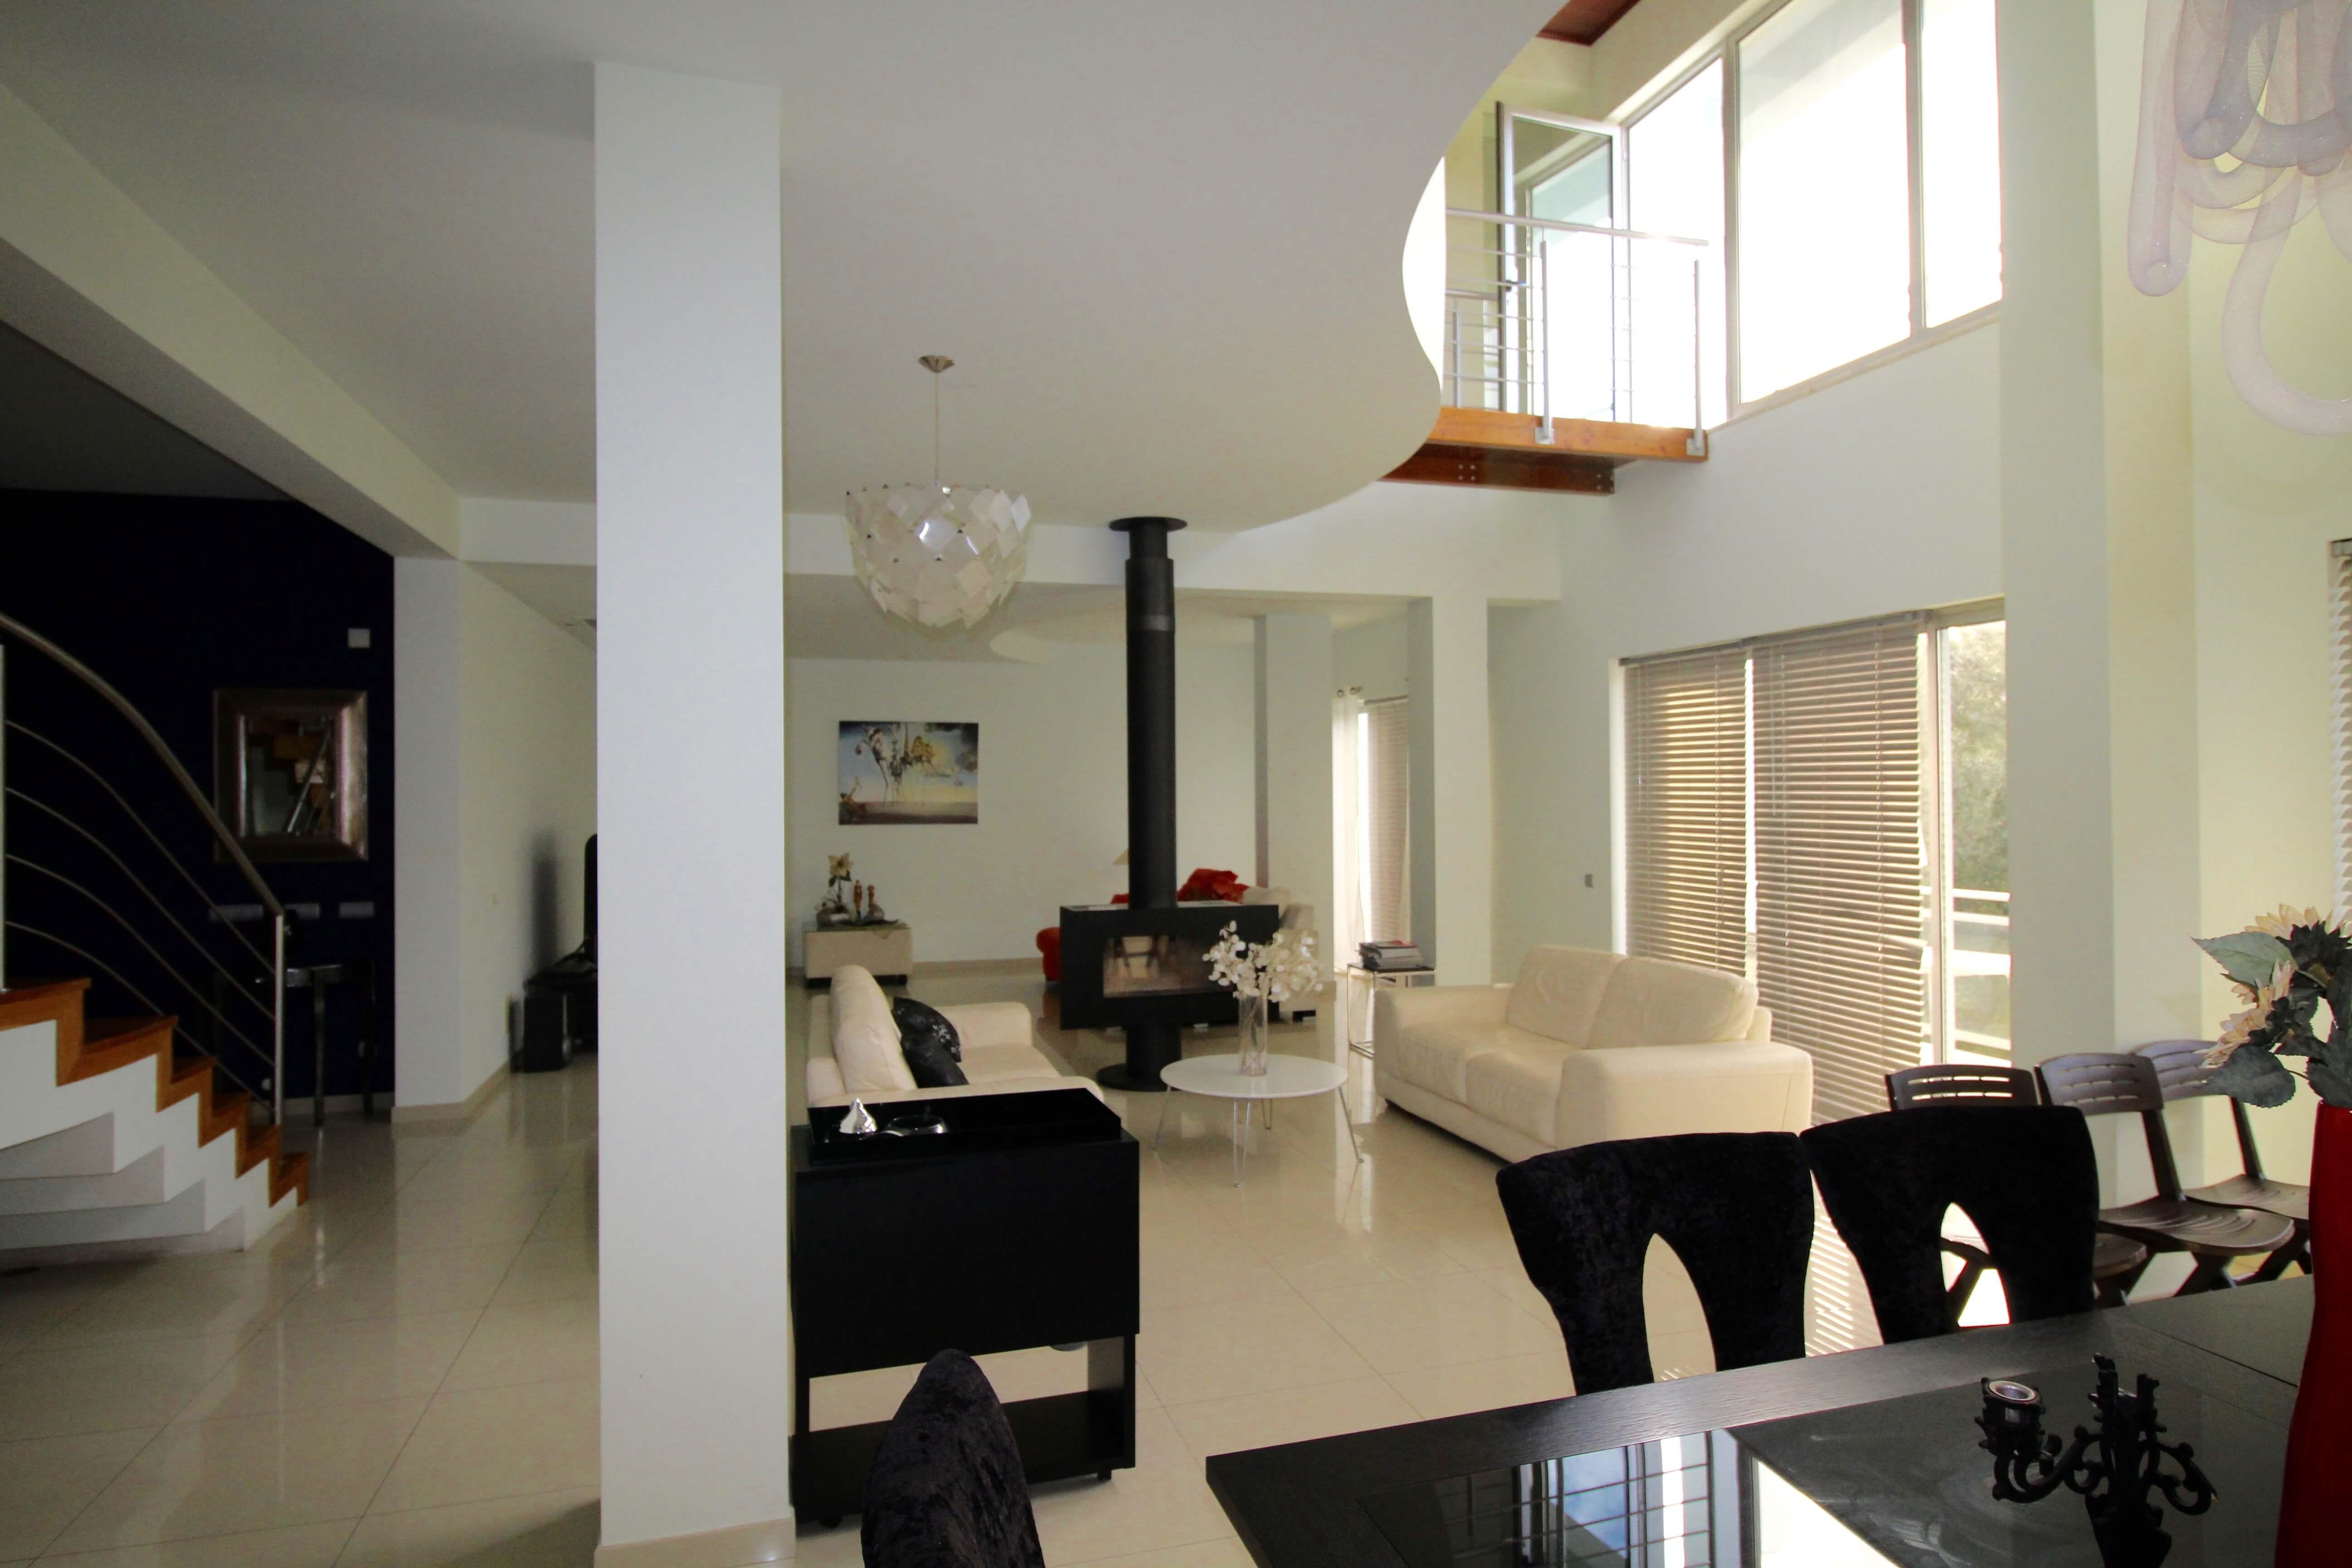 Просторная Вилла в Центре Албуфейры  - Вилла с дополнительным апартаментом в центре курортного города Албуфейра Вилла расположена